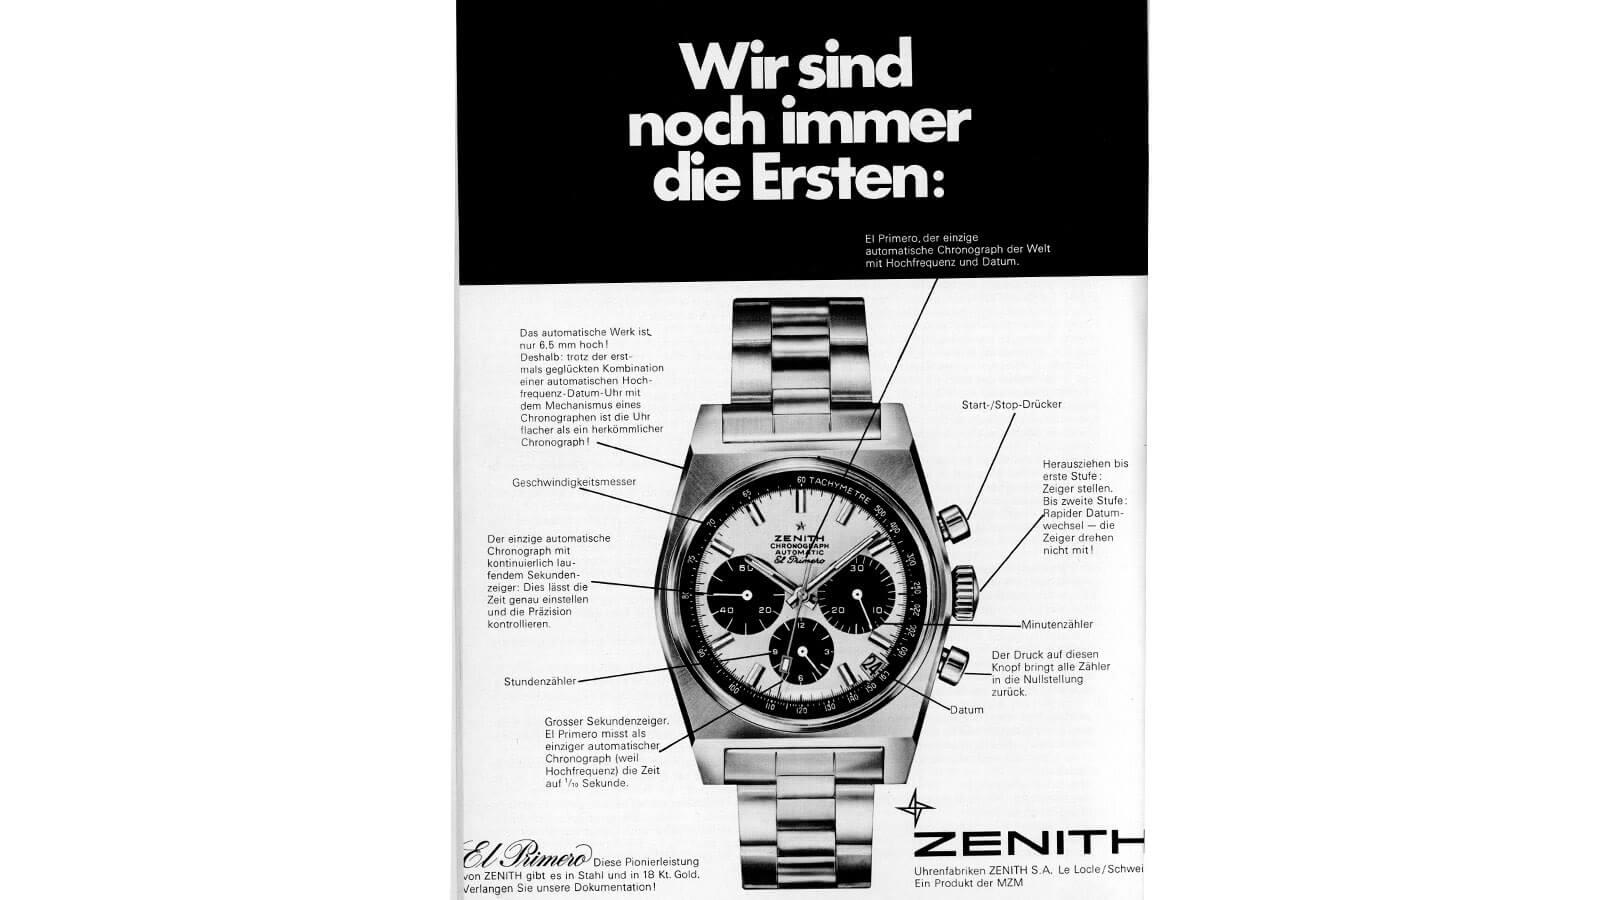 Werbeanzeige für die A384 von ZENITH von 1969